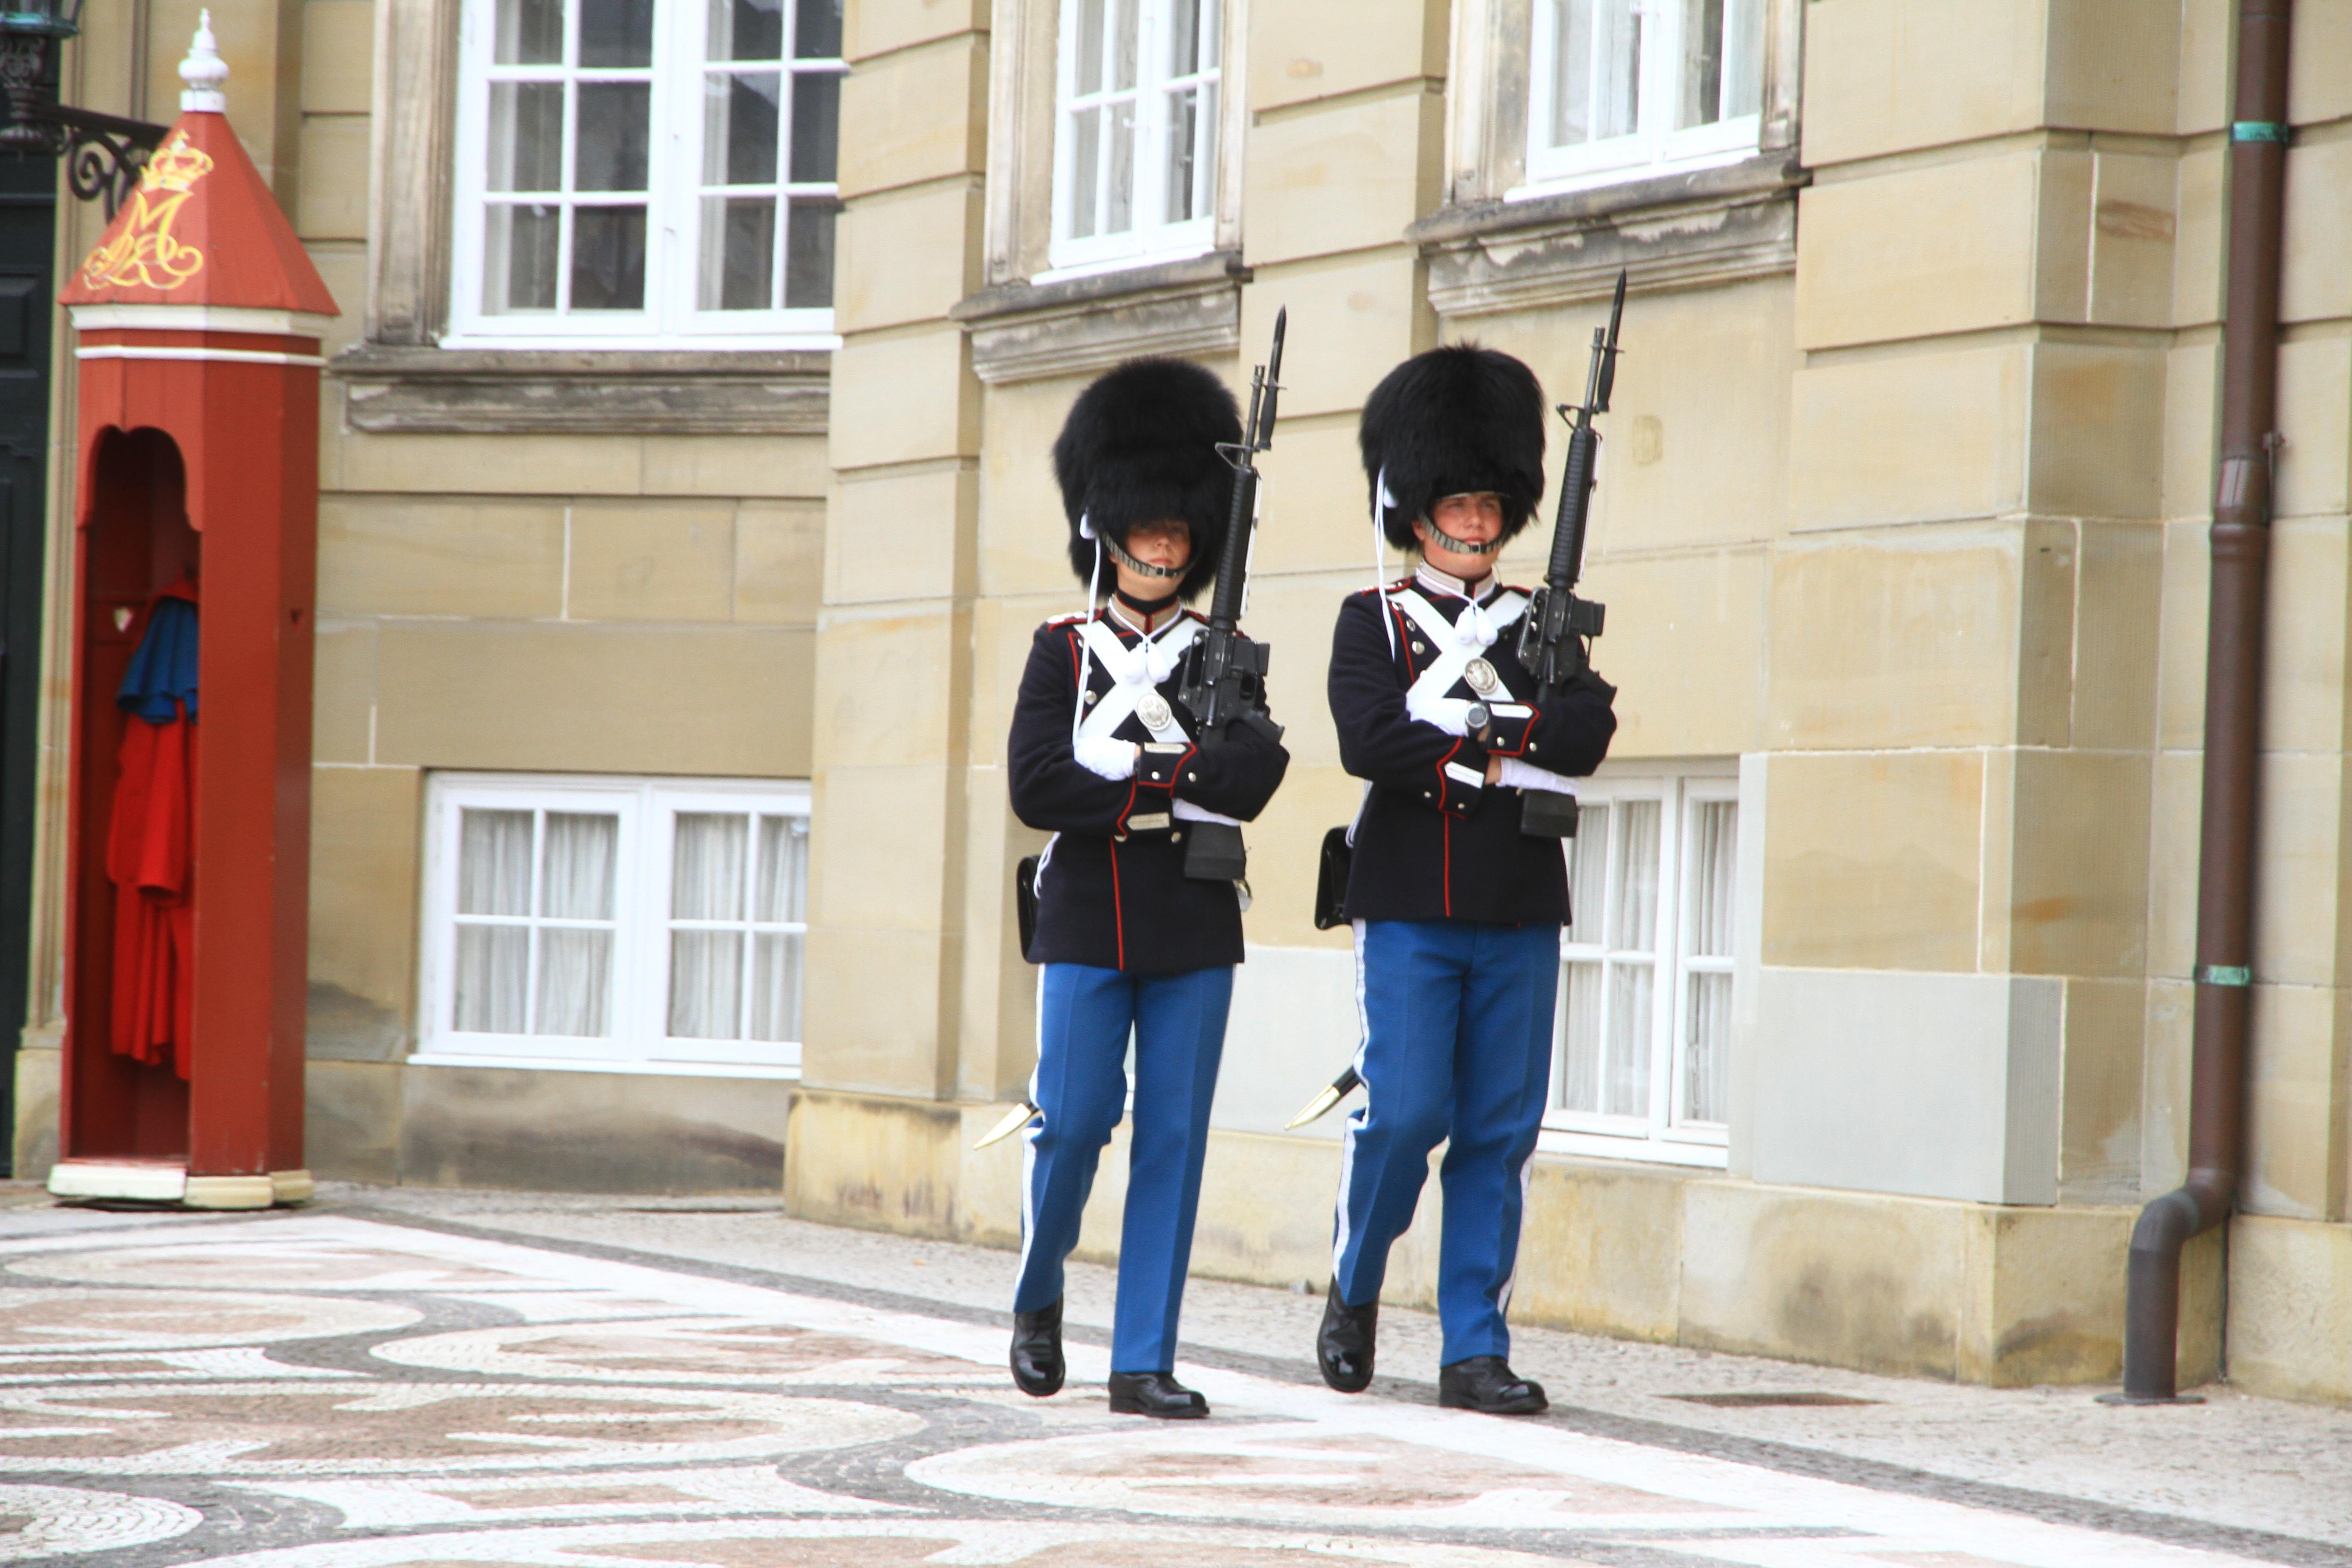 29、丹麦哥本哈根:阿美琳堡王宫卫兵